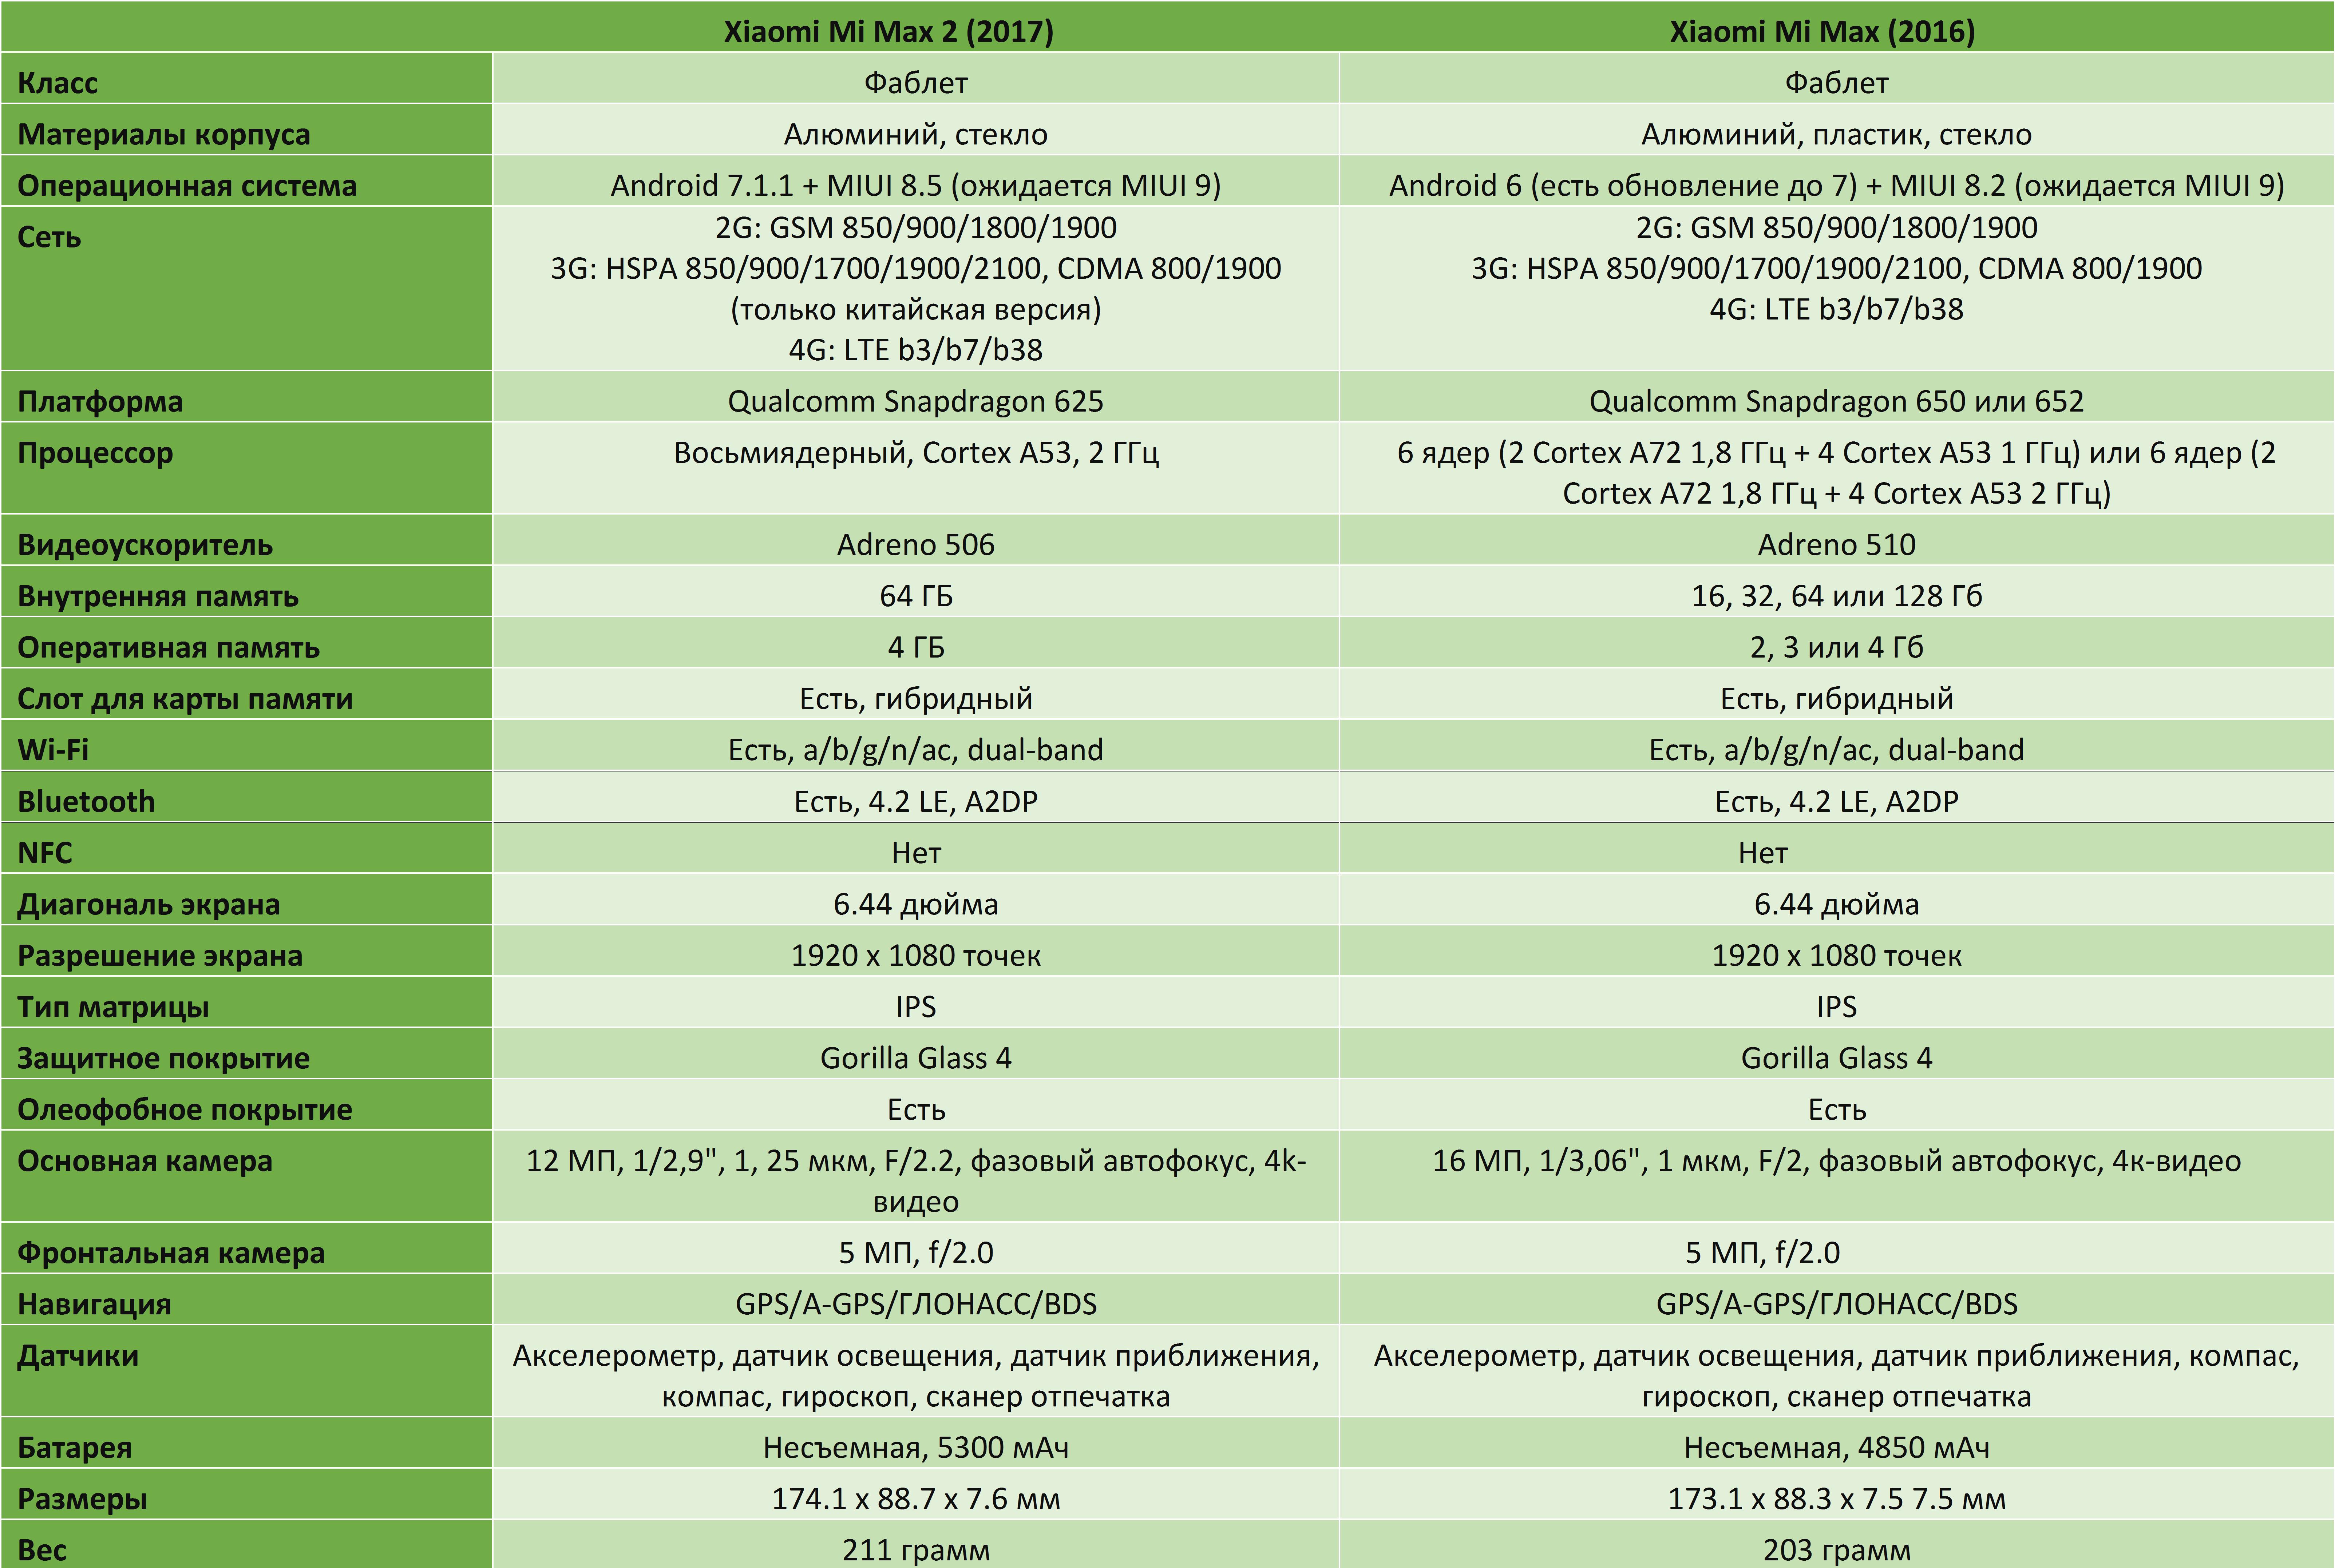 Сравнение Xiaomi Mi Max и Mi Max 2